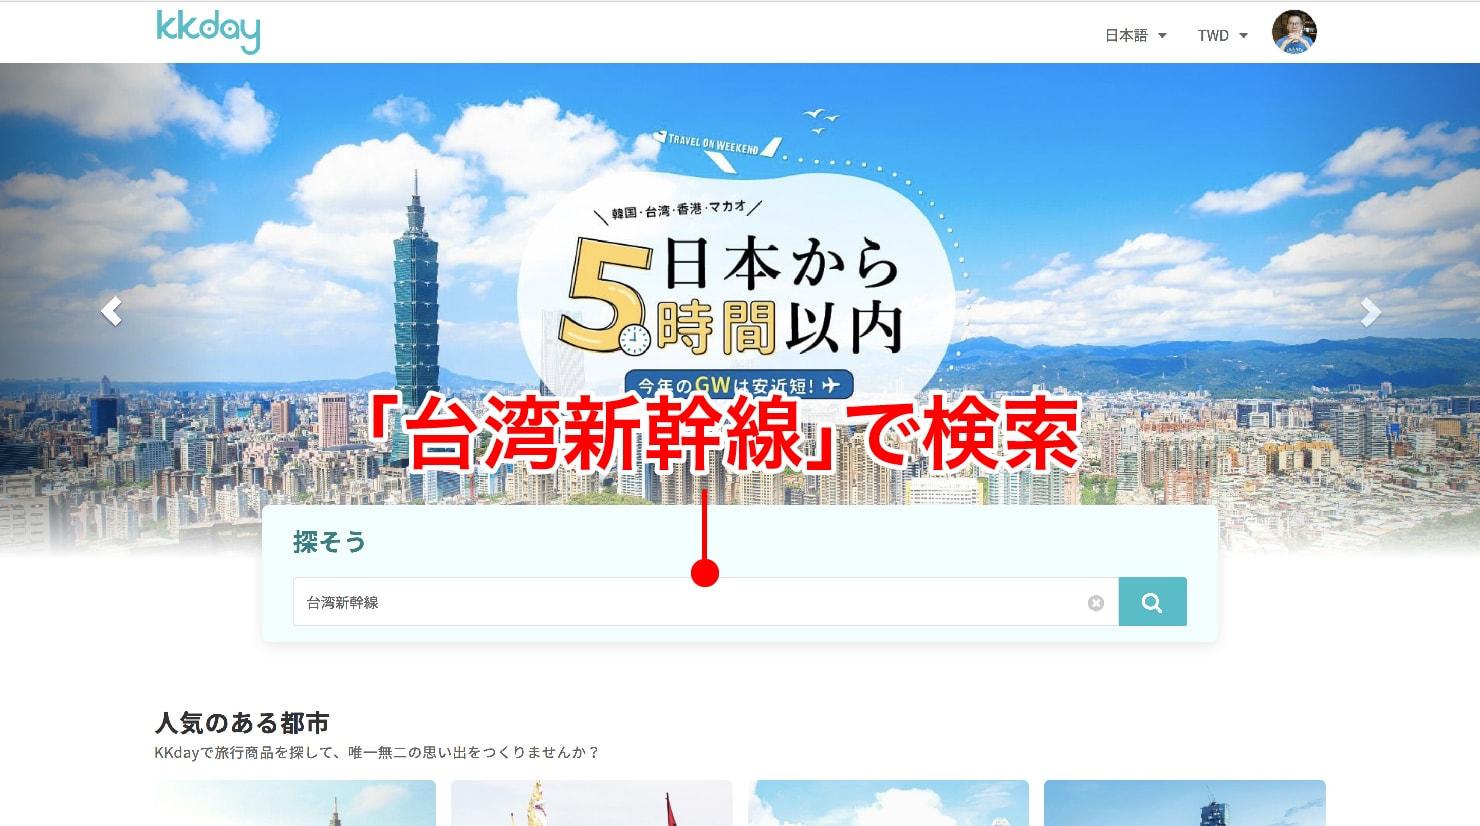 KKday台湾新幹線(高鐵)の外国人限定20%offチケット予約画面_11